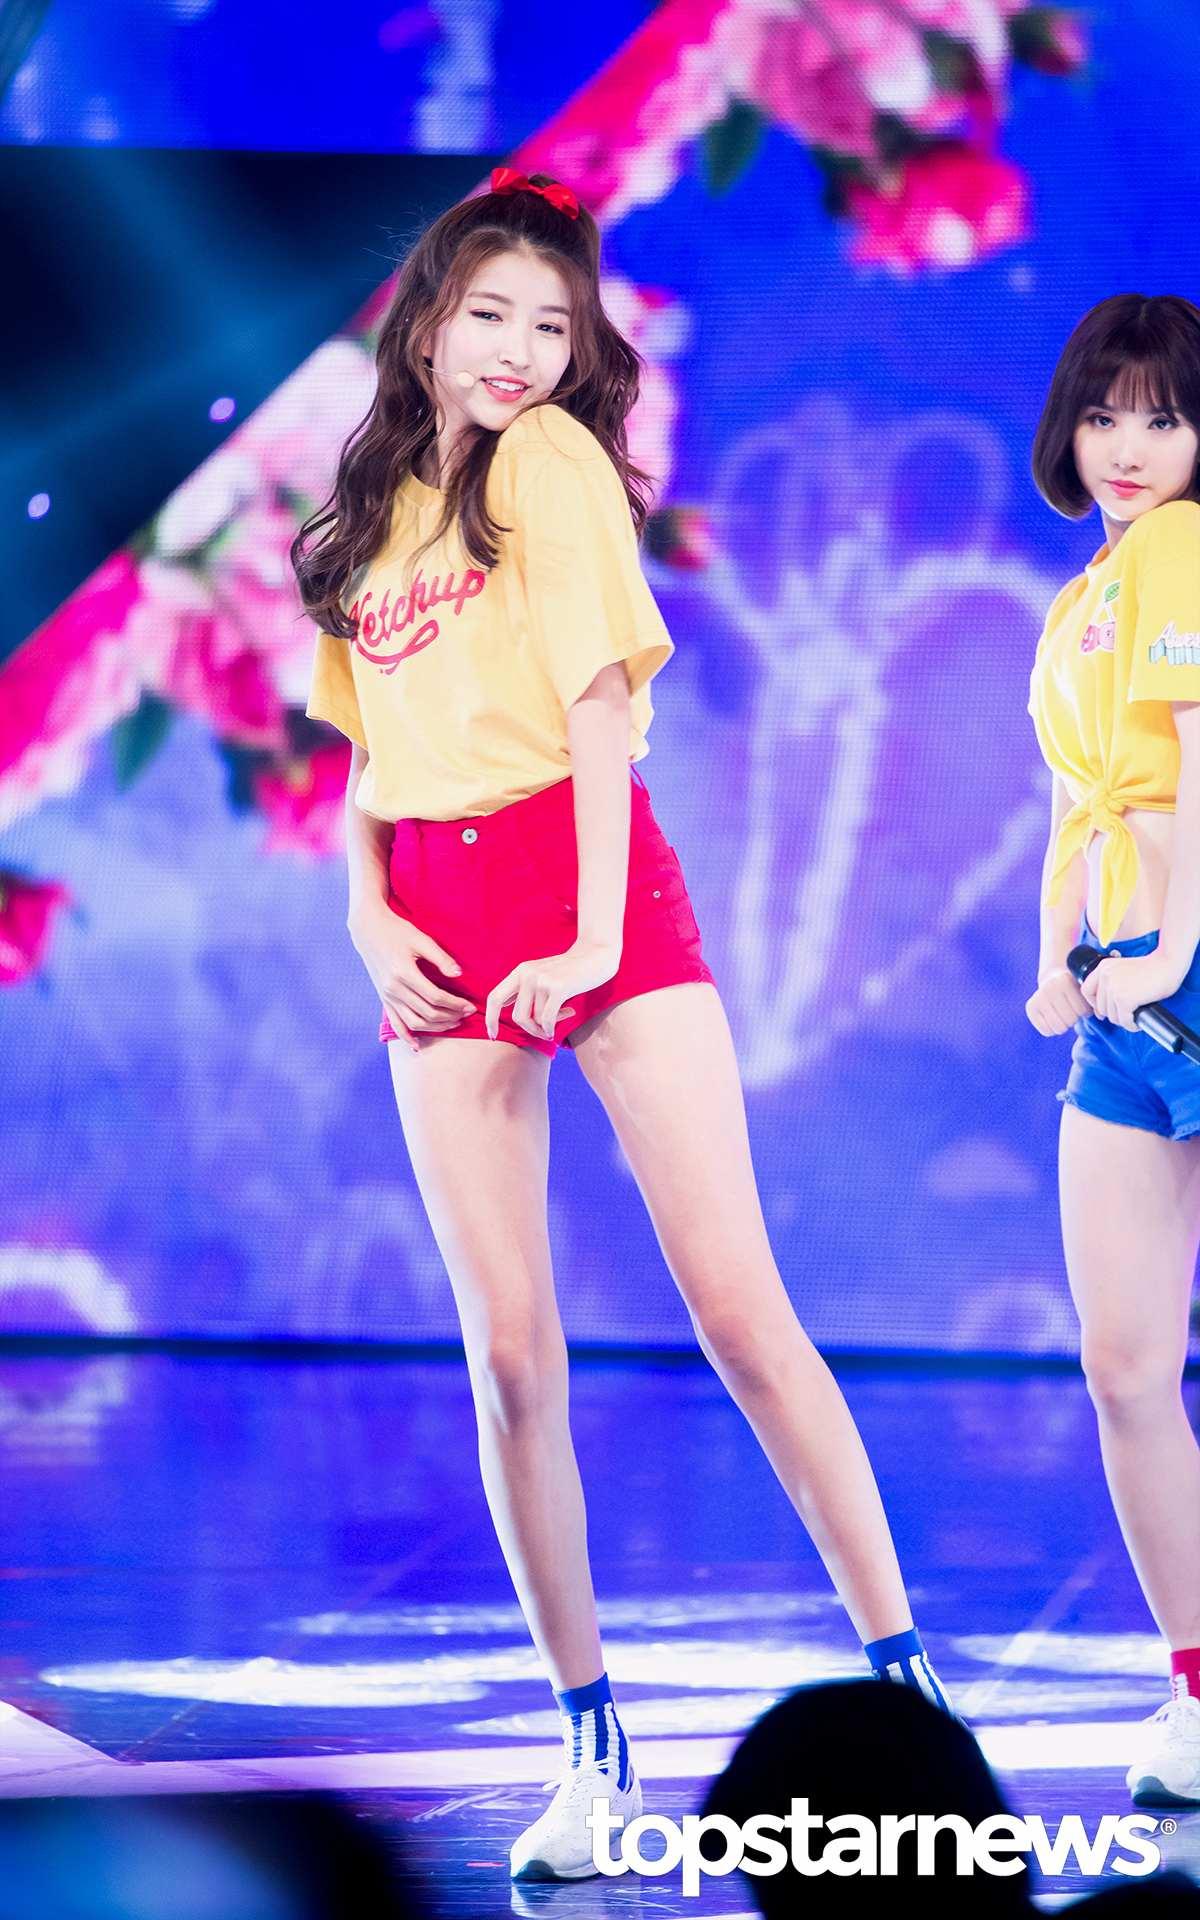 官方身高170cm的Sowon,身材比例真的超好, 尤其是穿超短褲的時候,感覺光腿長都至少有150cm了!